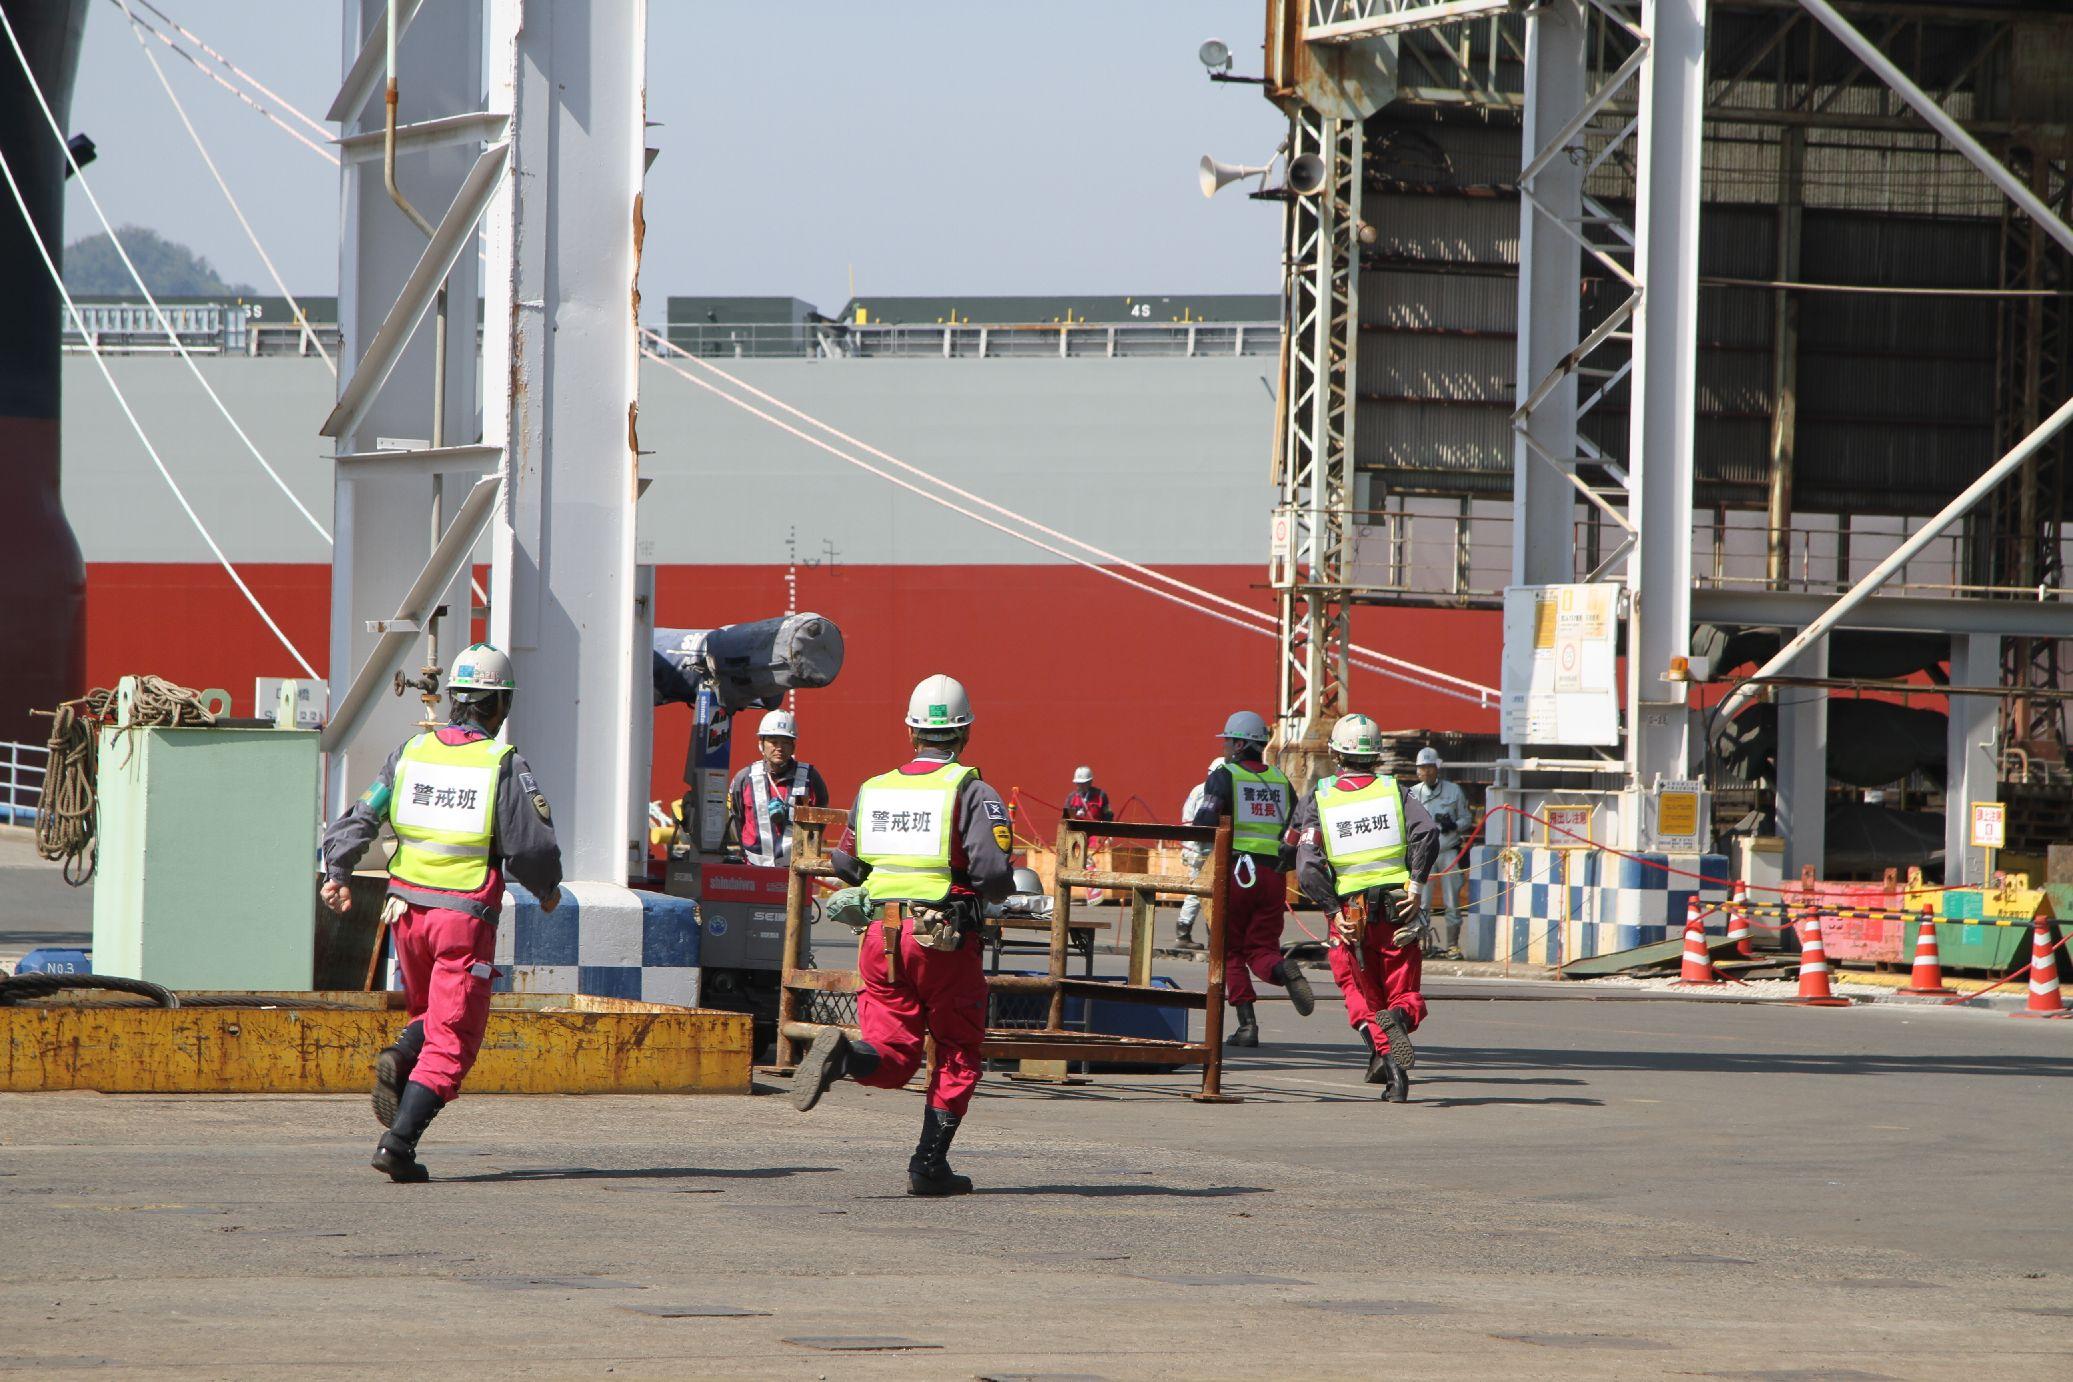 常石造船で福山西消防署協力のもと、総合防災訓練を実施